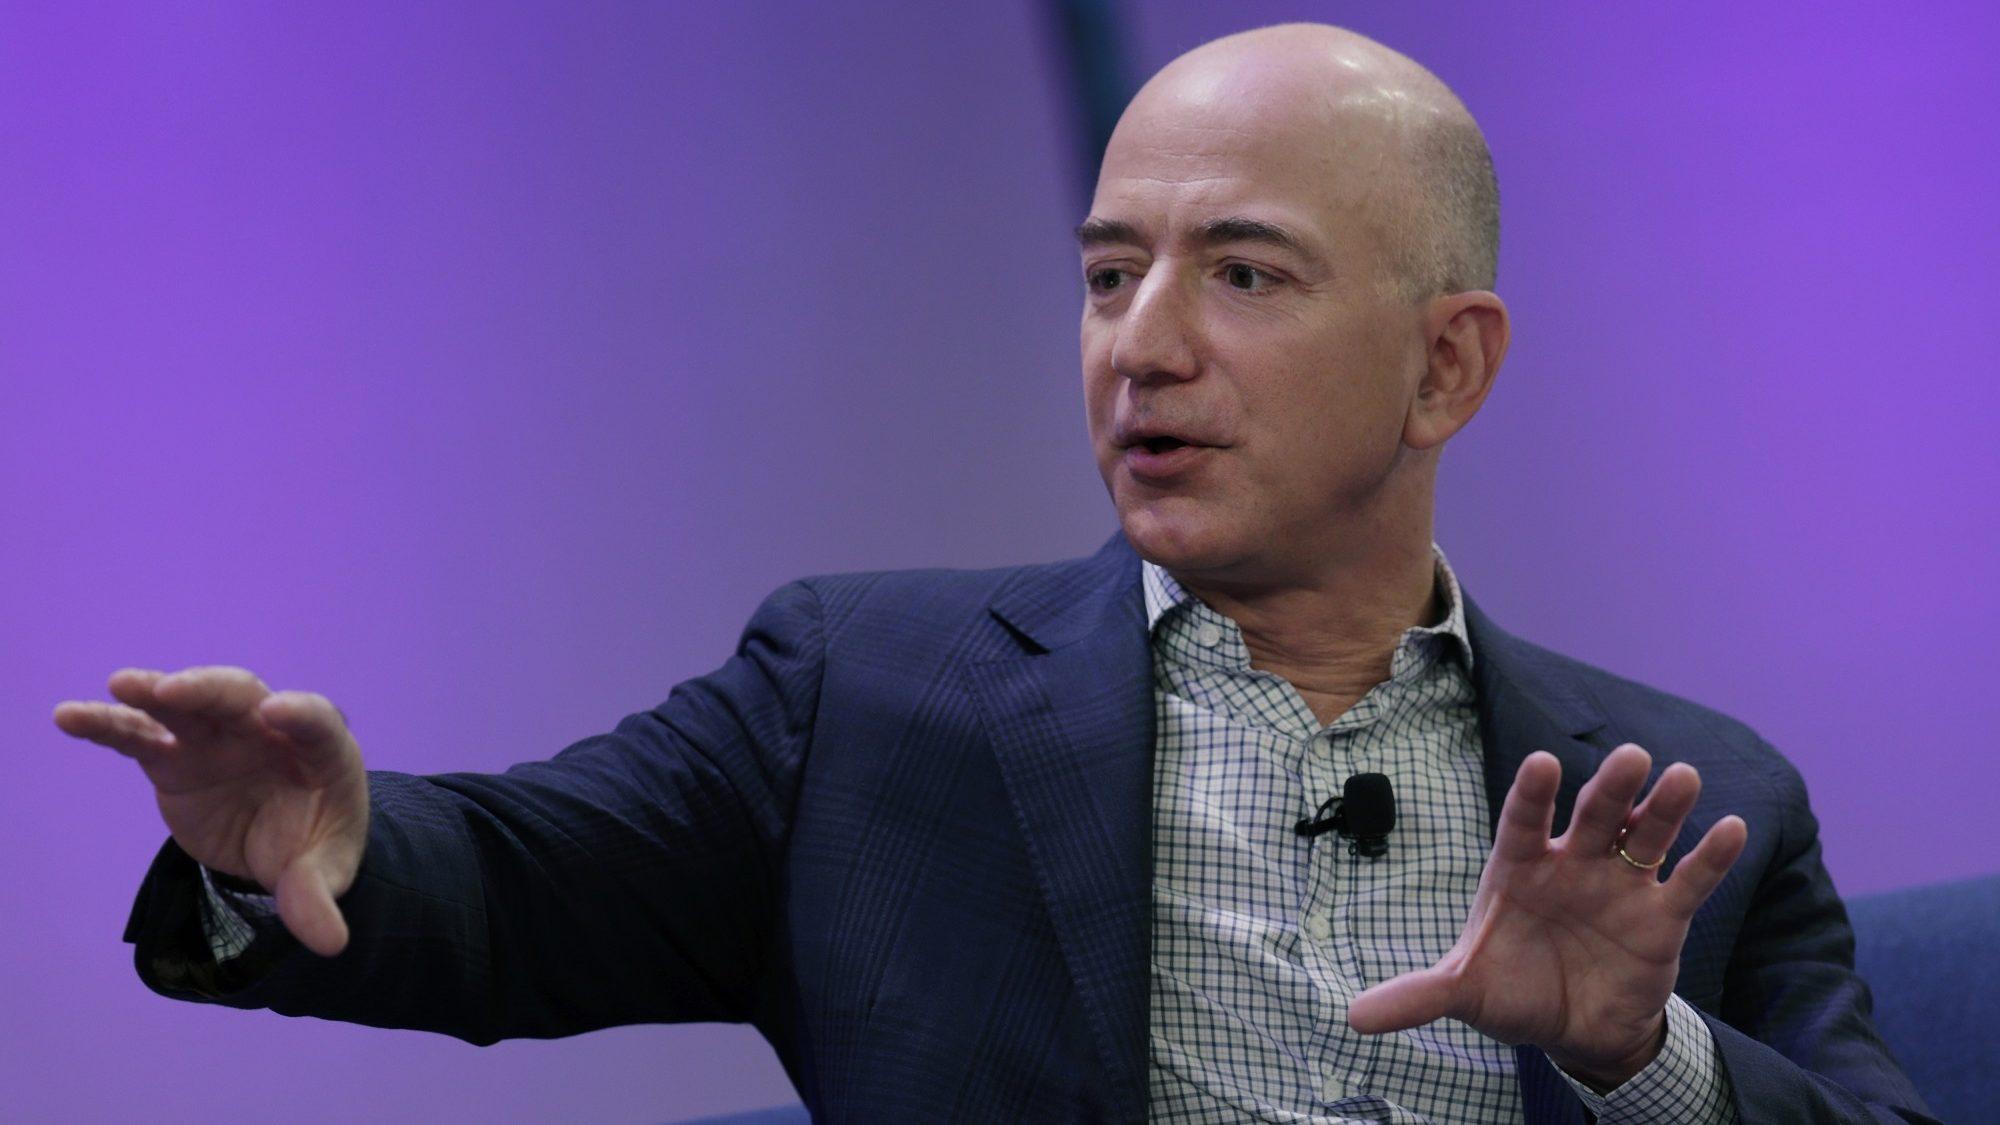 Líder da Amazon pode tornar-se a pessoa mais rica do mundo